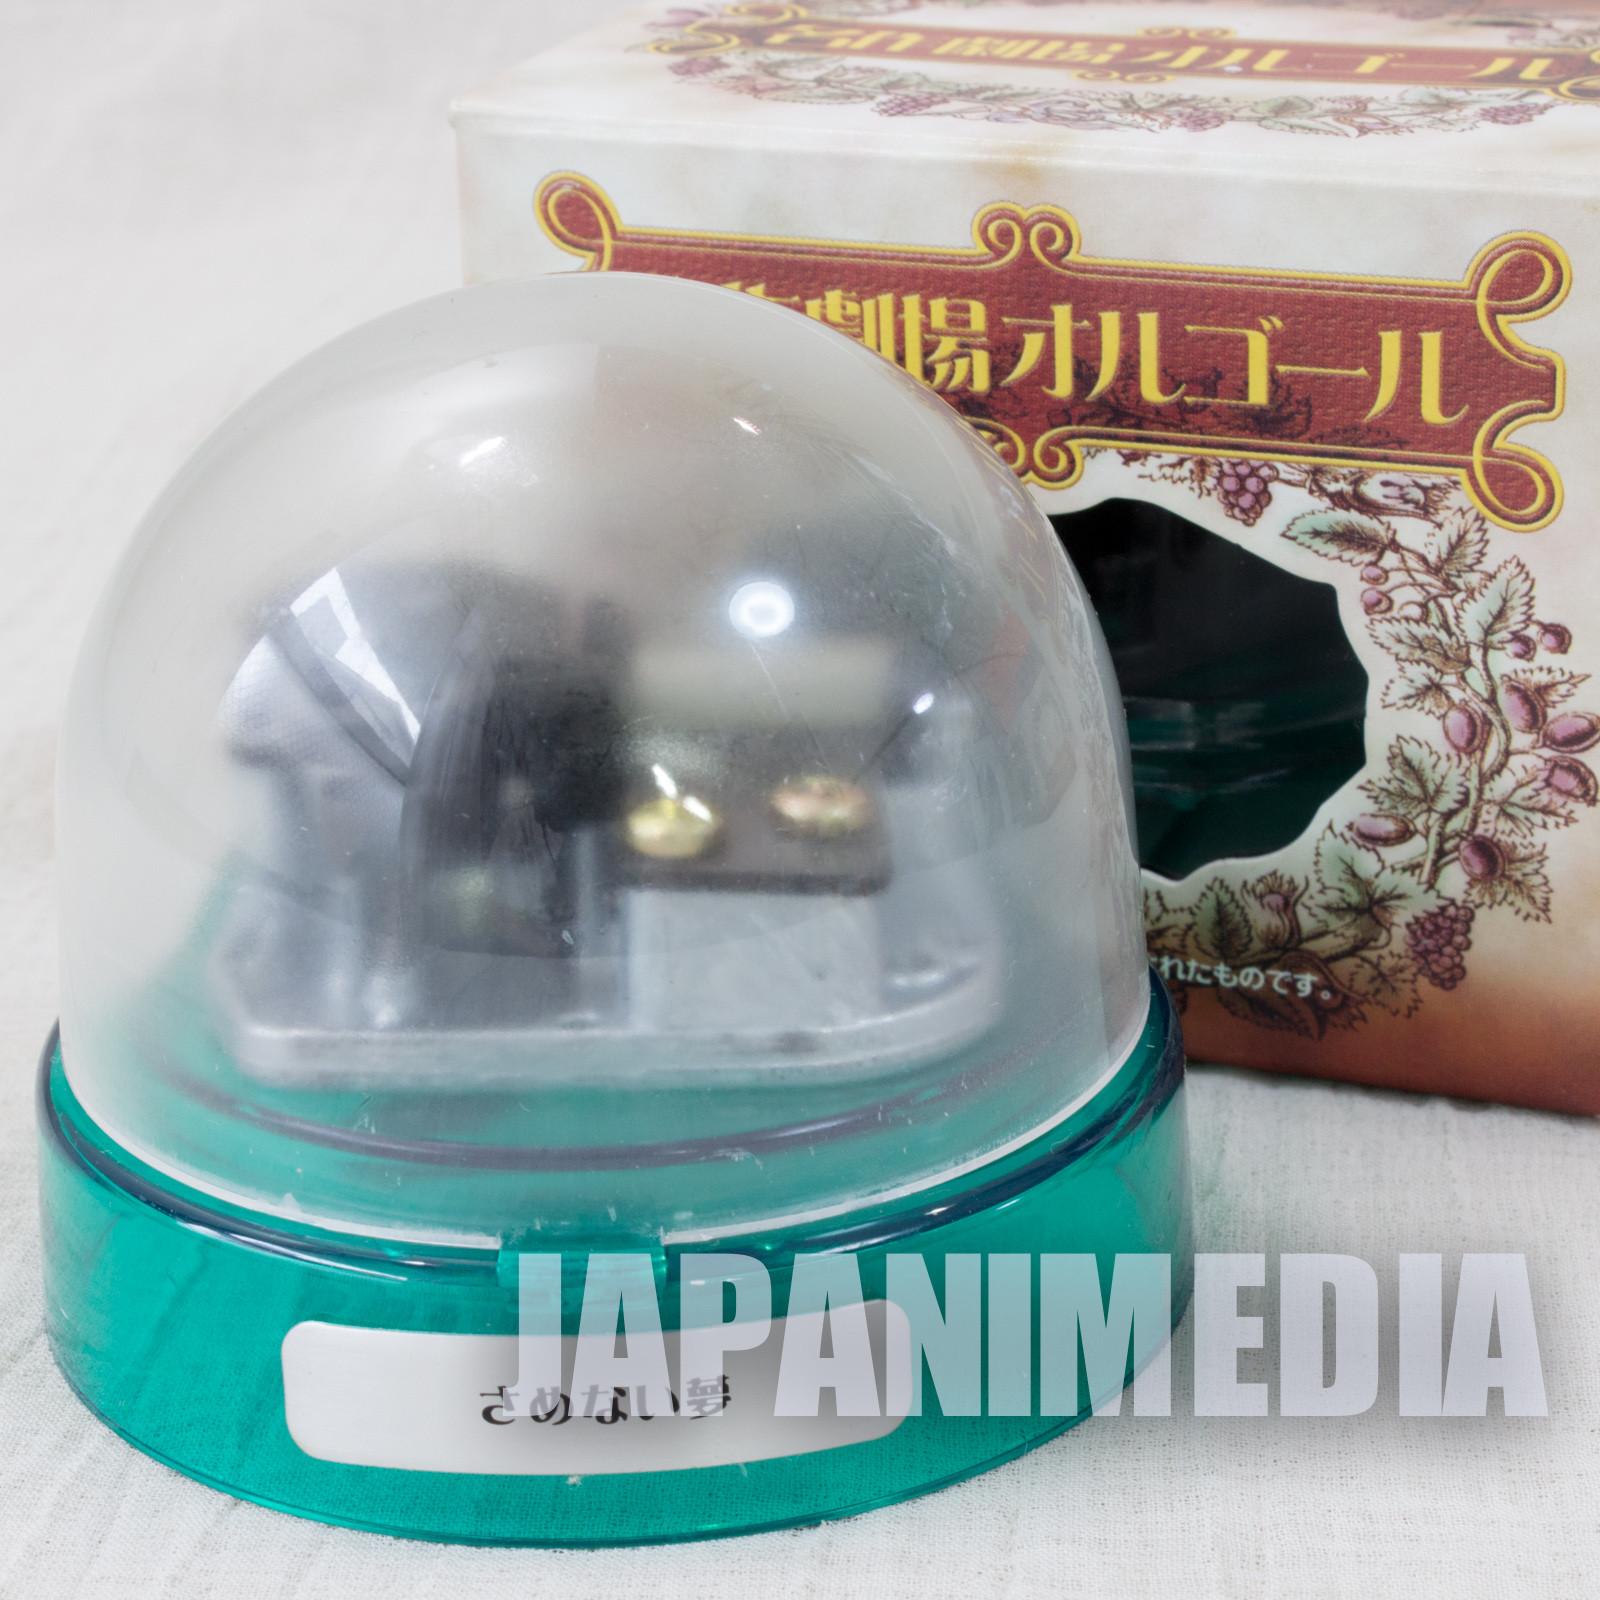 RARE! Anne of Green Gables Music Box Ending Theme Song JAPAN TV ANIME MANGA